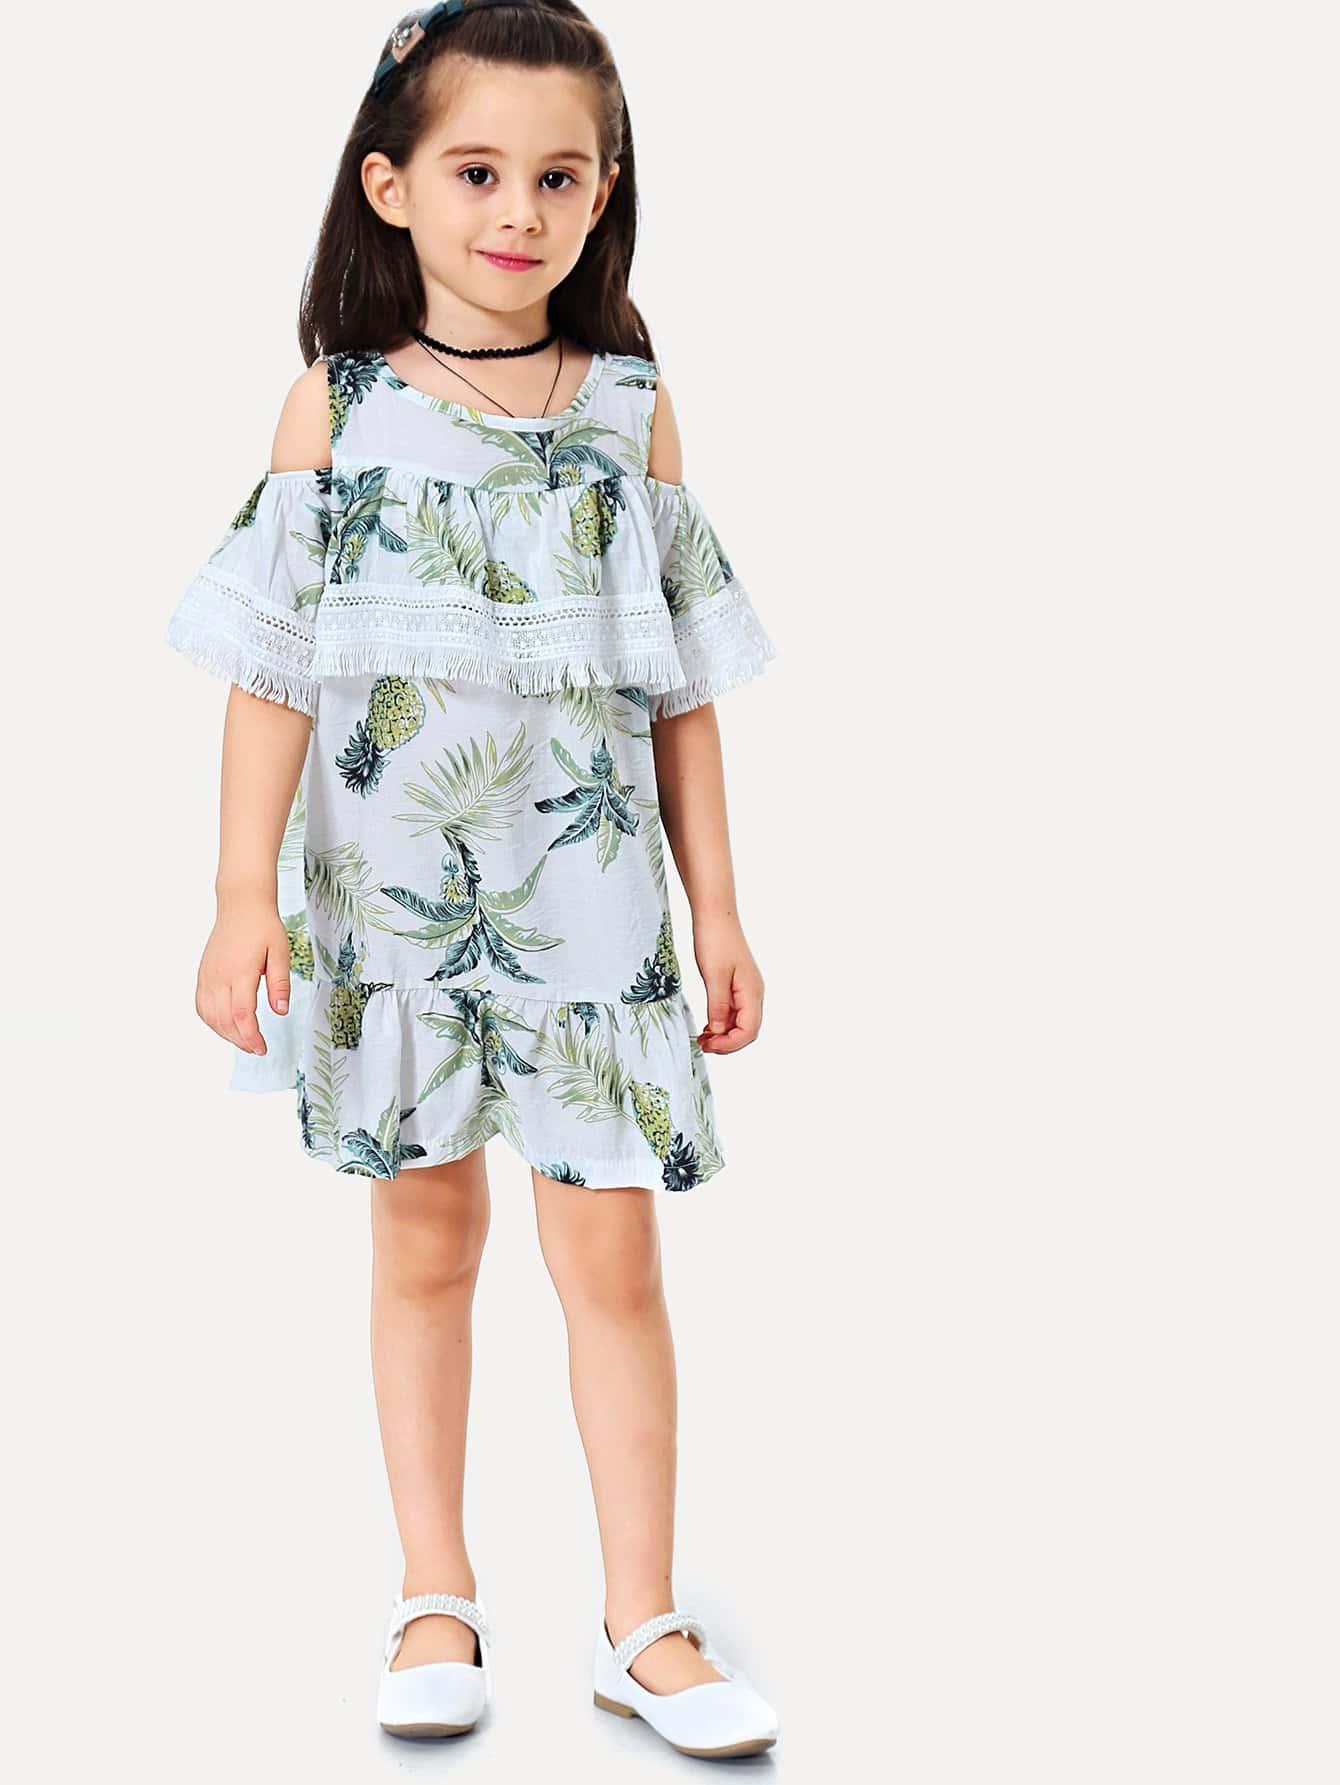 Купить Платье для девочек с вышивкой из ананаса для девочек, null, SheIn